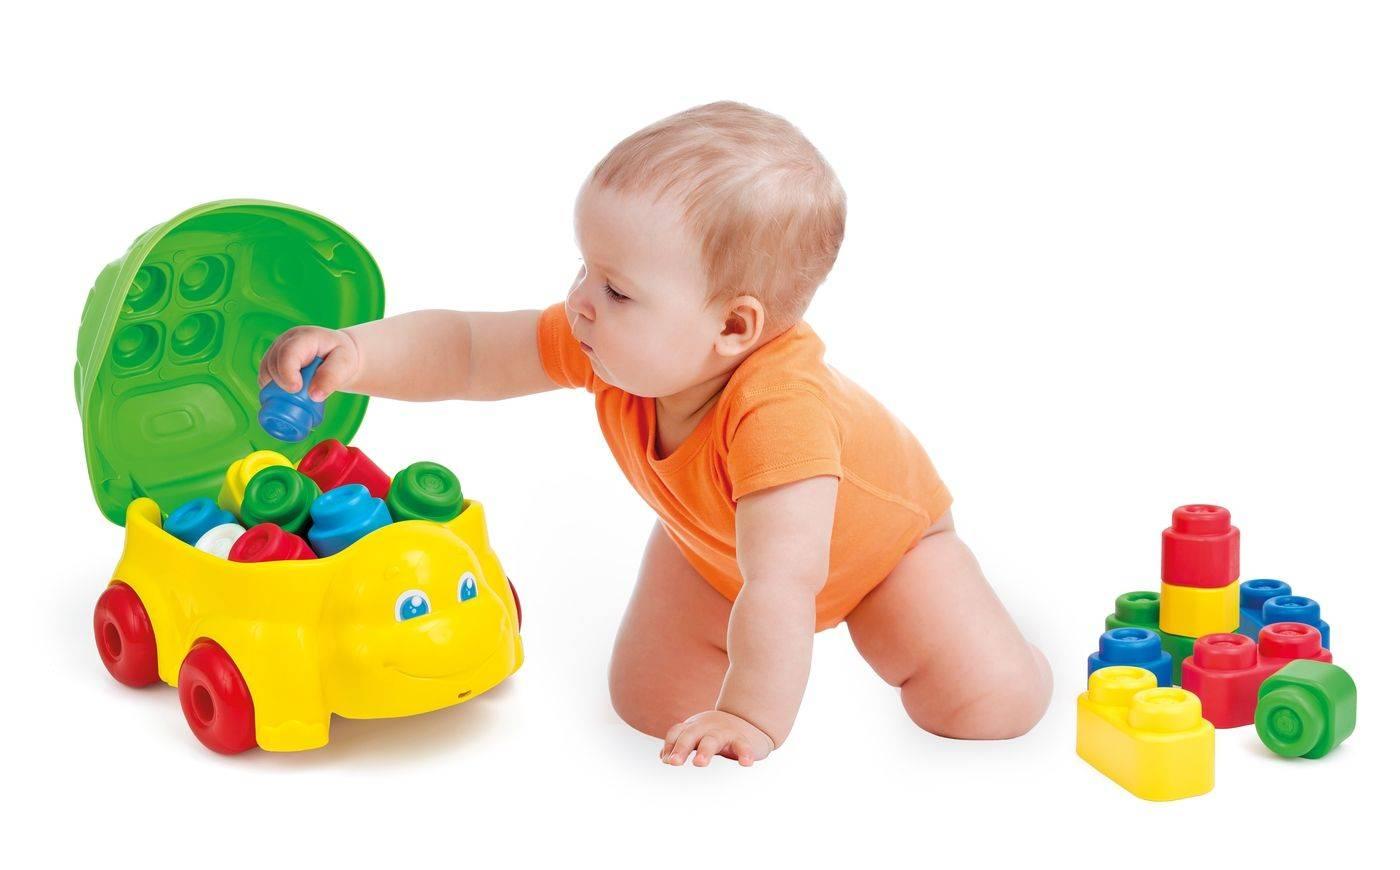 Чем занять ребенка в 1-1,5 года: дома, на улице, чем заняться с годовалым ребенком маме.